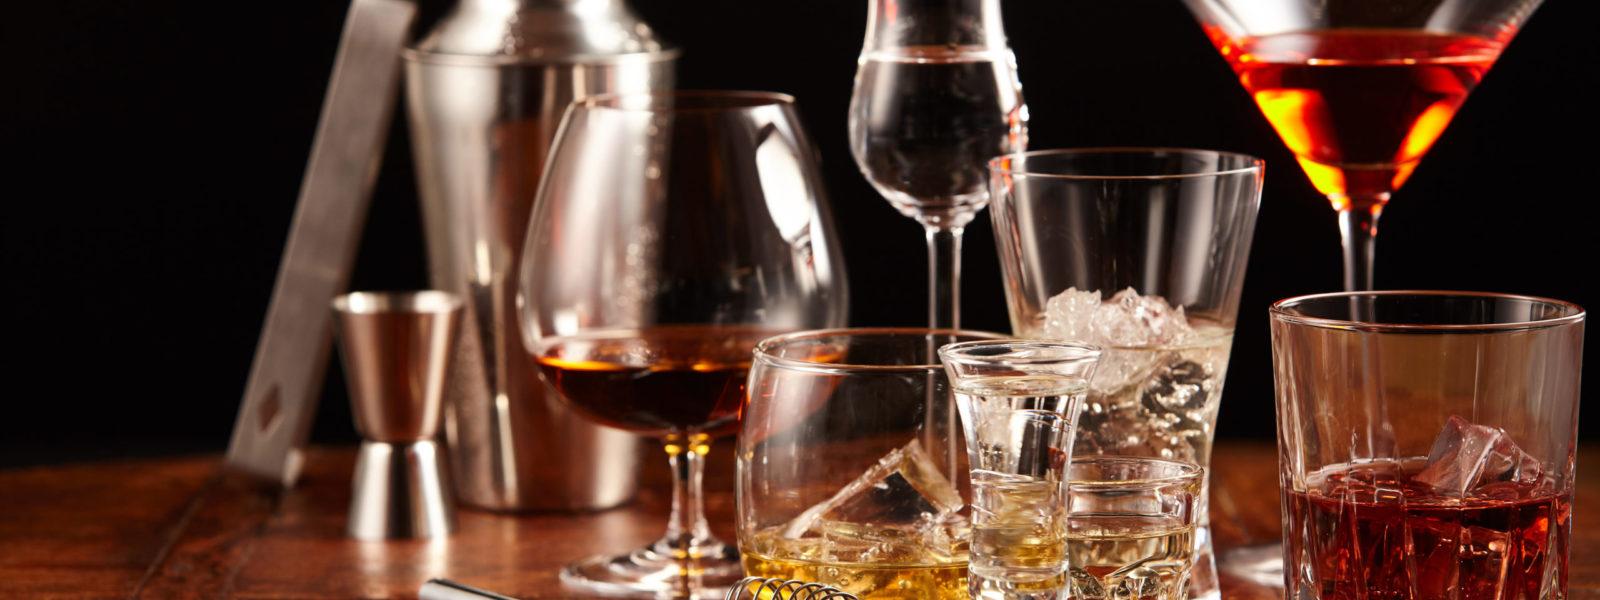 Czy bardziej się upijamy, mieszając alkohole?